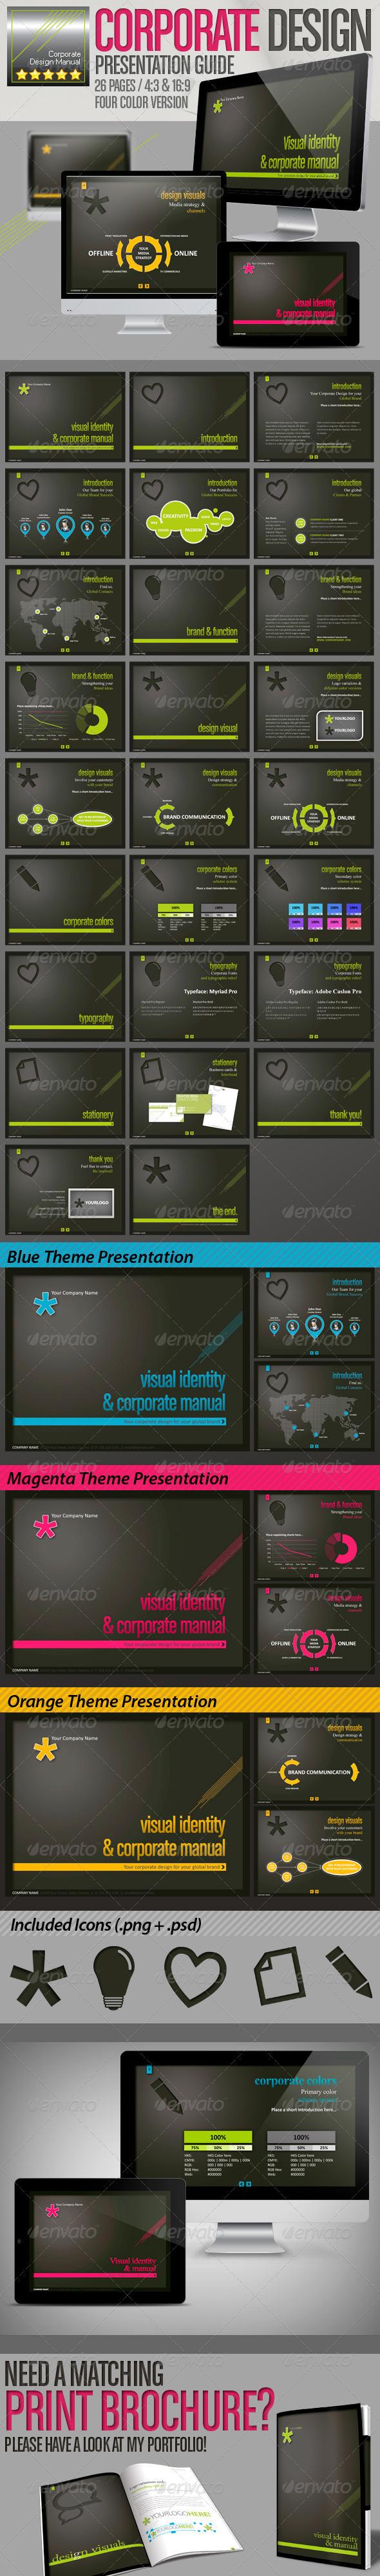 GraphicRiver Corporate Design Manual Design Presentation 2564289